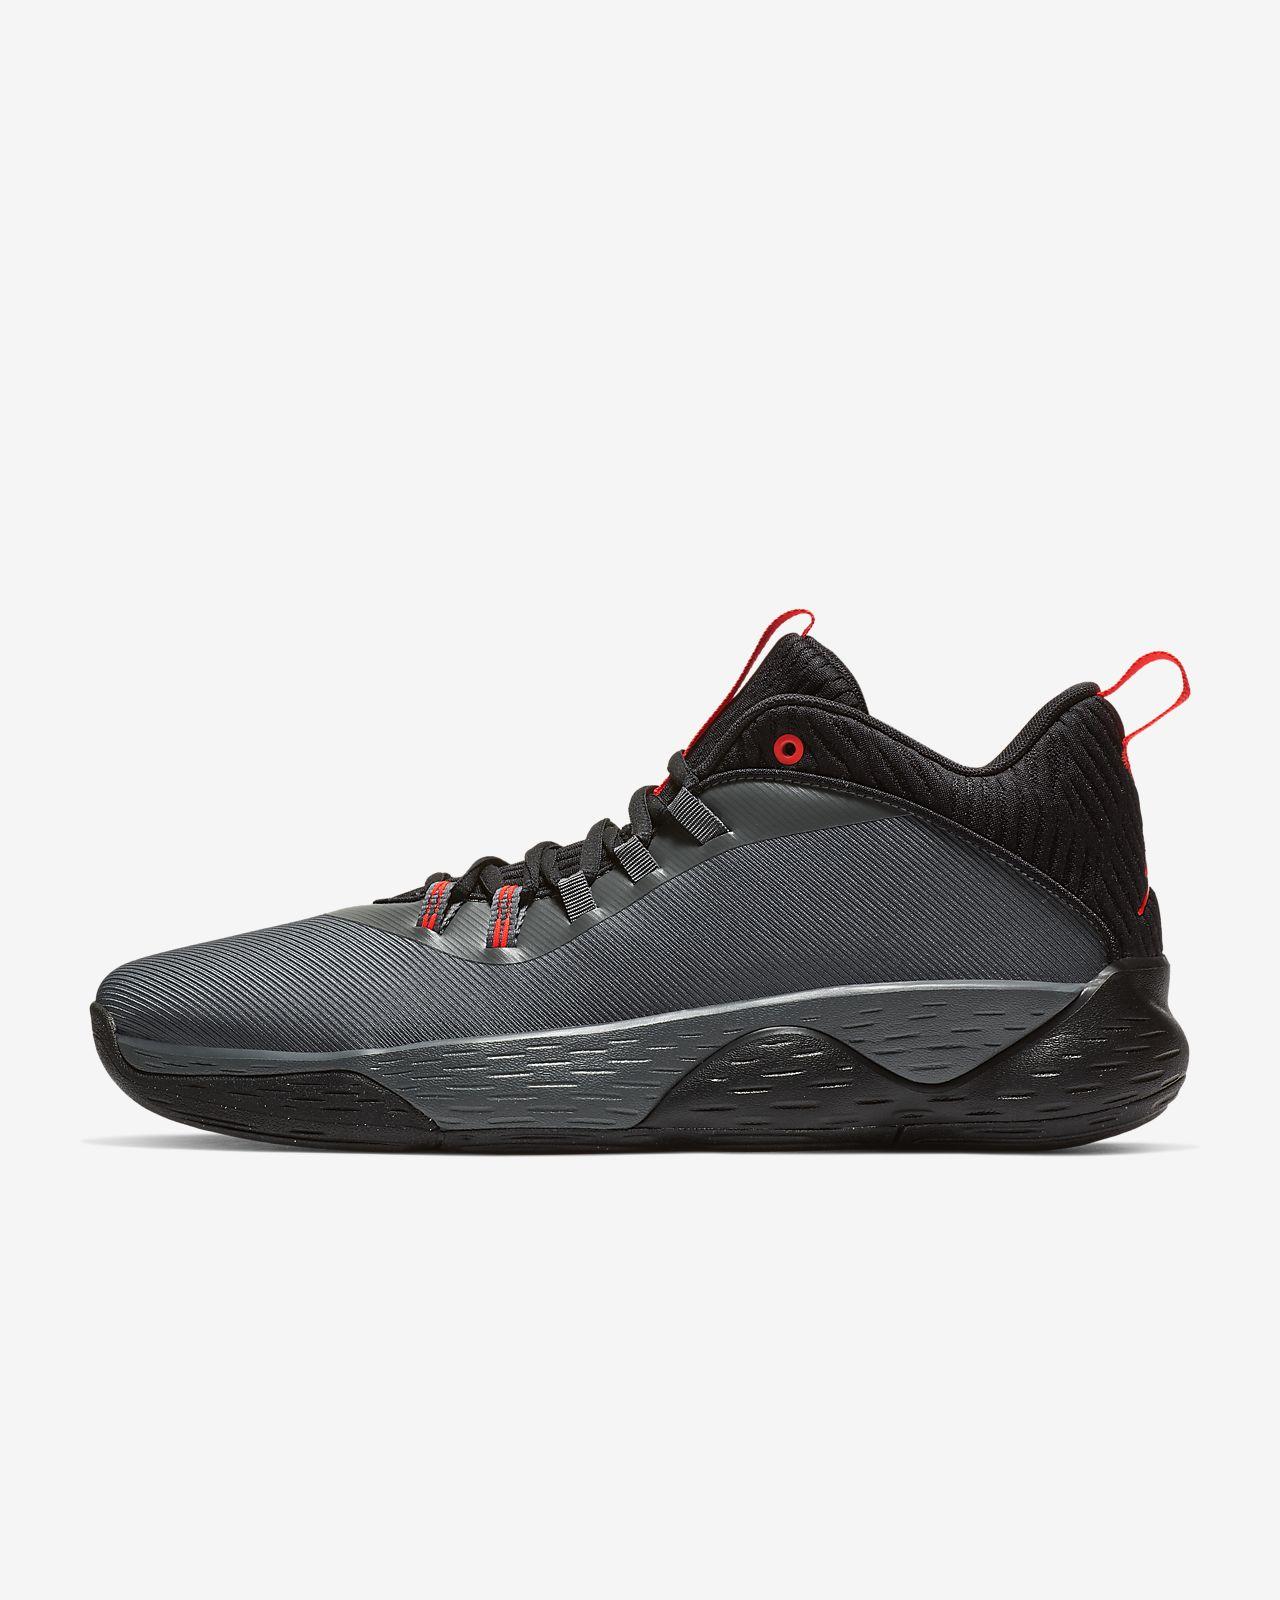 Pánská basketbalová bota Jordan Super.Fly MVP Low